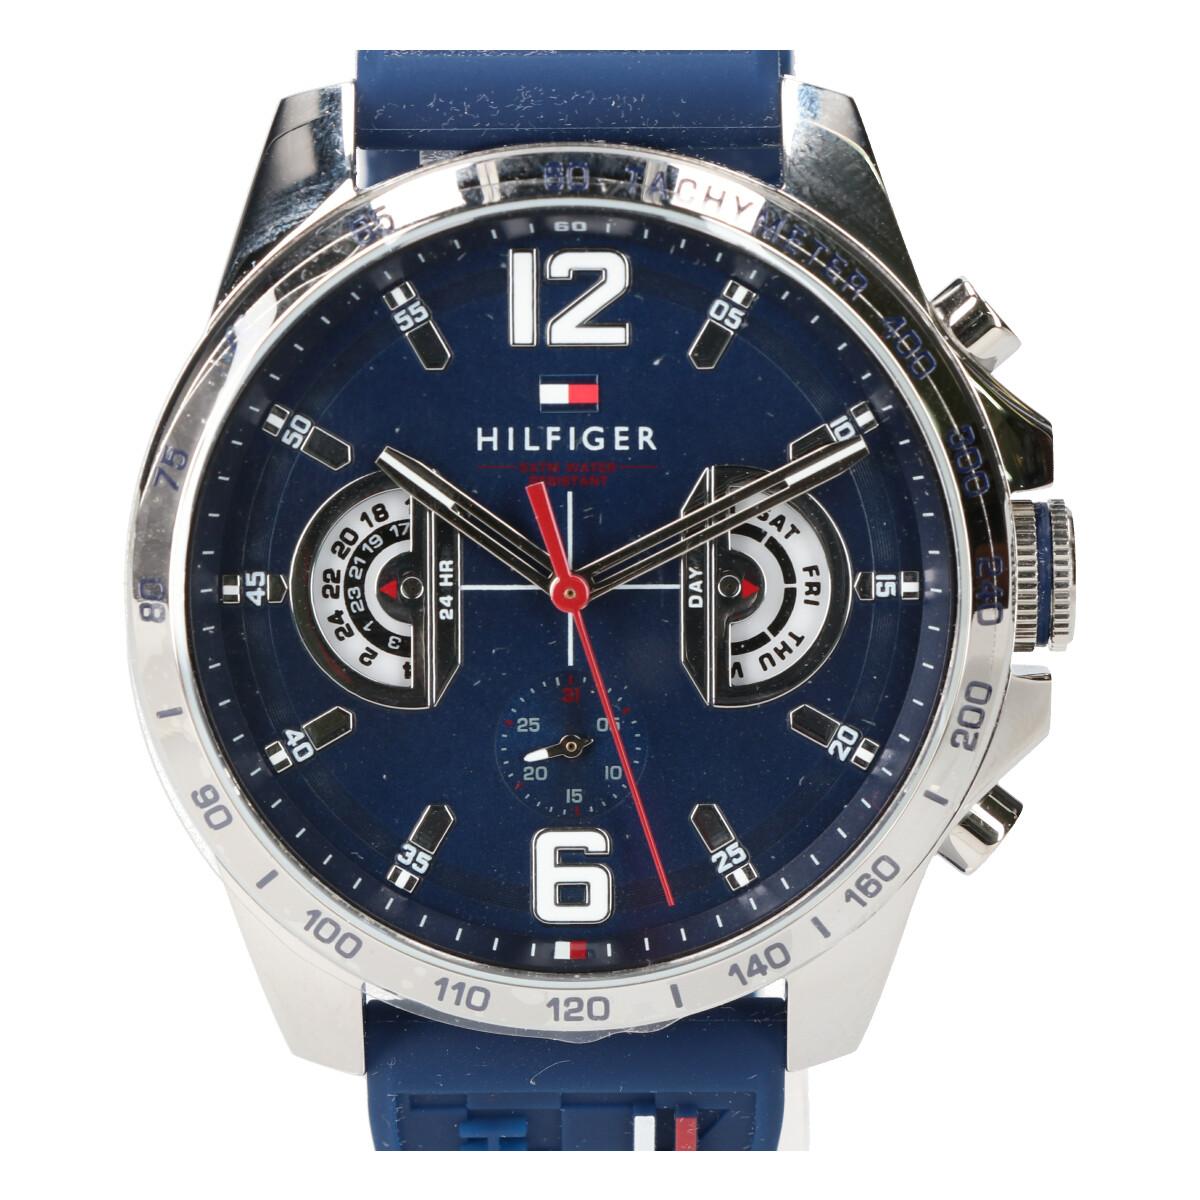 TOMMY HILFIGERトミーヒルフィガー 未使用1791476 シリコンベルト 多針クオーツ腕時計 ネイビー メンズoBedCxrW